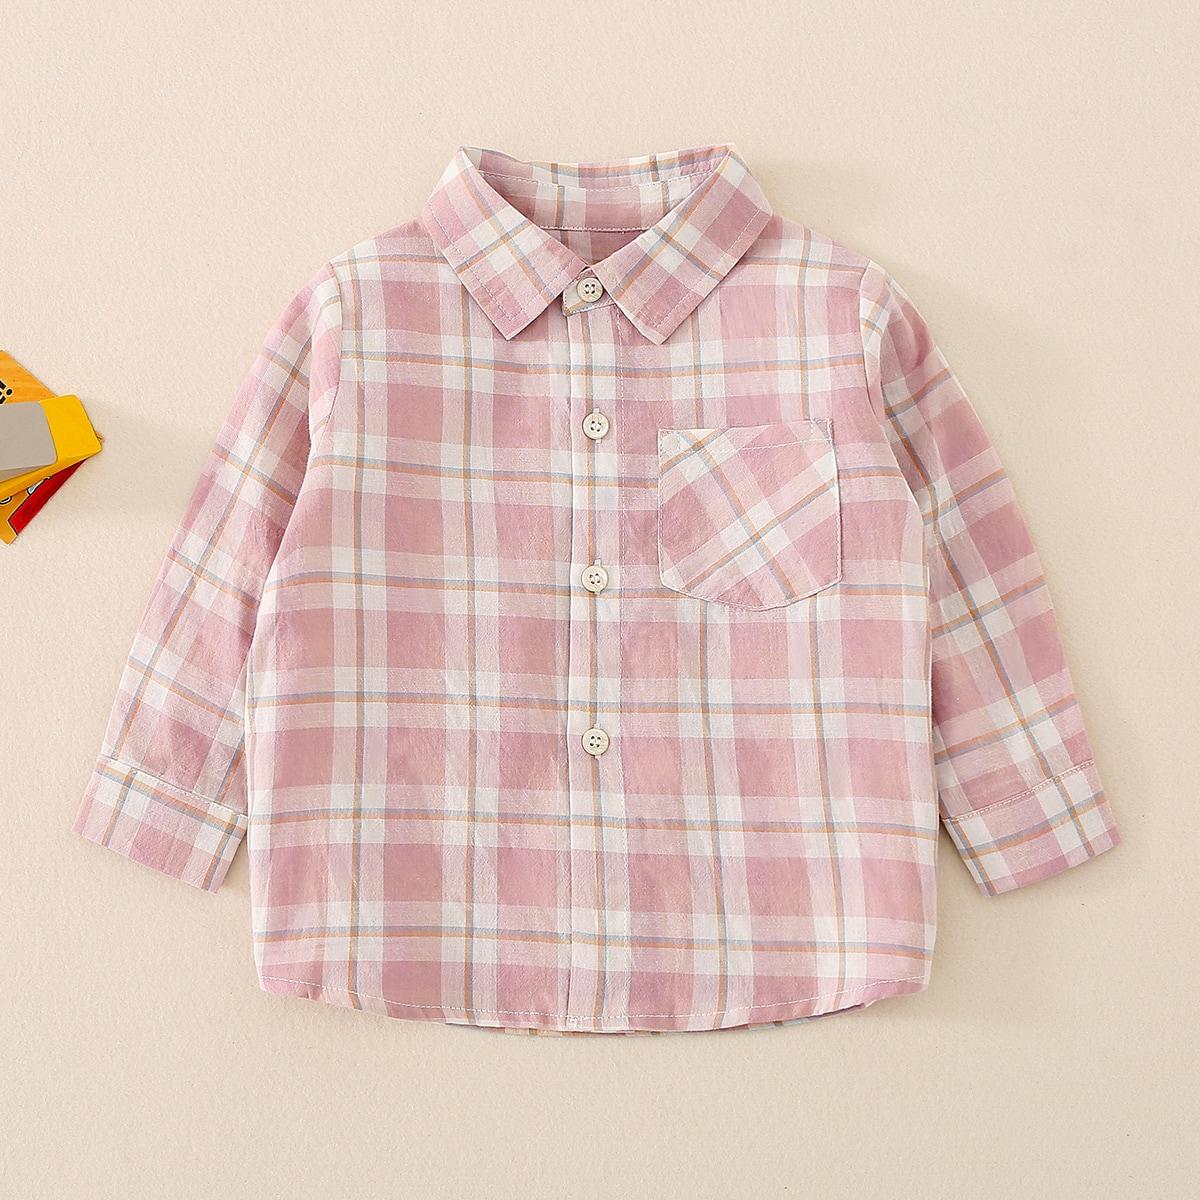 с карманами Пуговица Клетка Институтский Рубашки для мальчиков